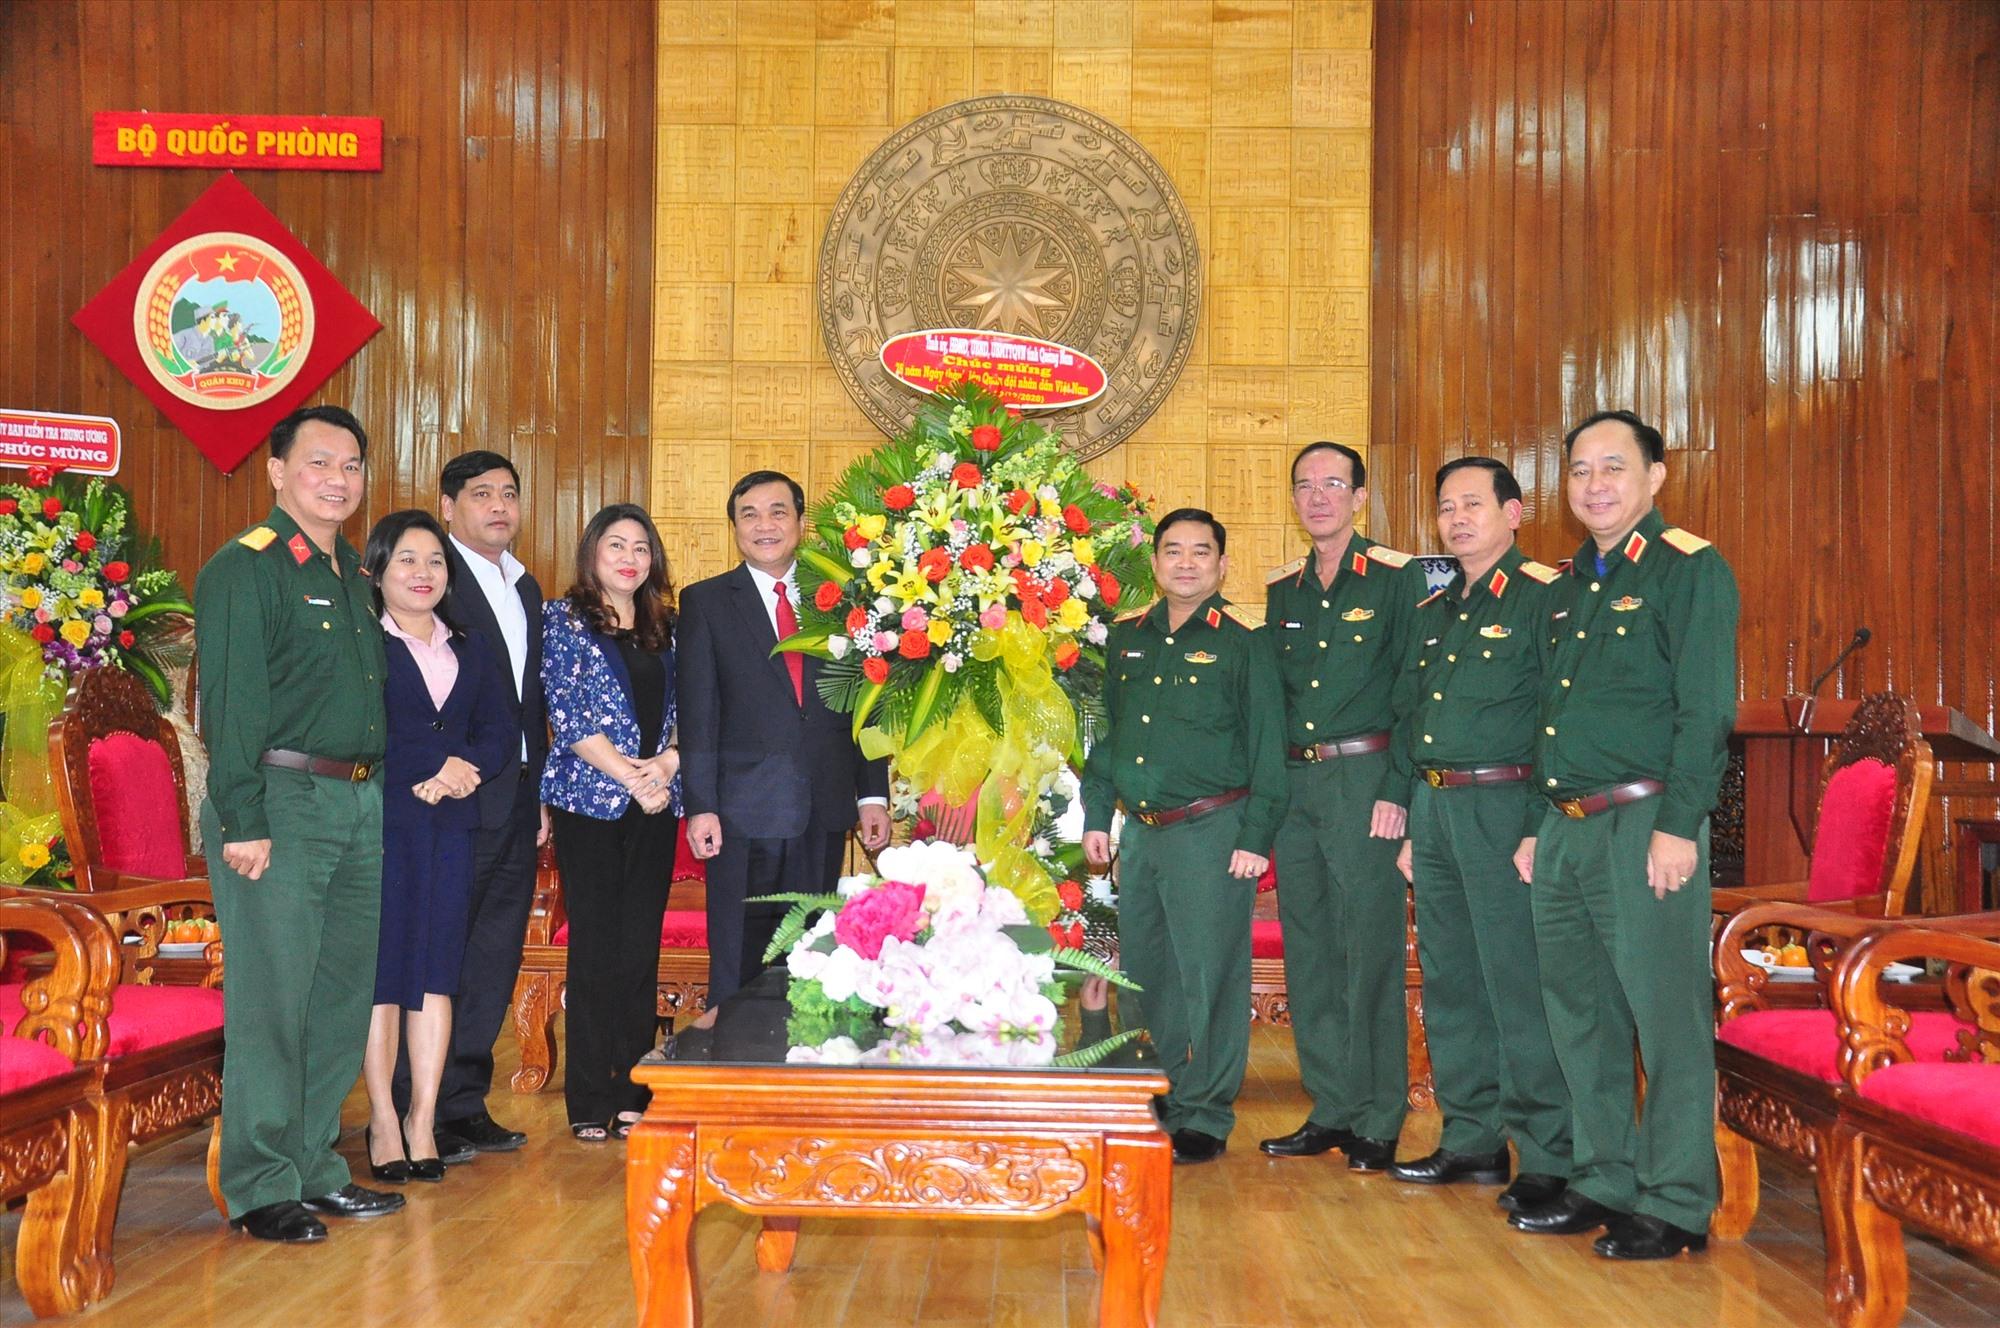 Đoàn công tác thăm, chúc mừng lãnh đạo Bộ Tư lệnh Quân khu V. Ảnh: VINH ANH